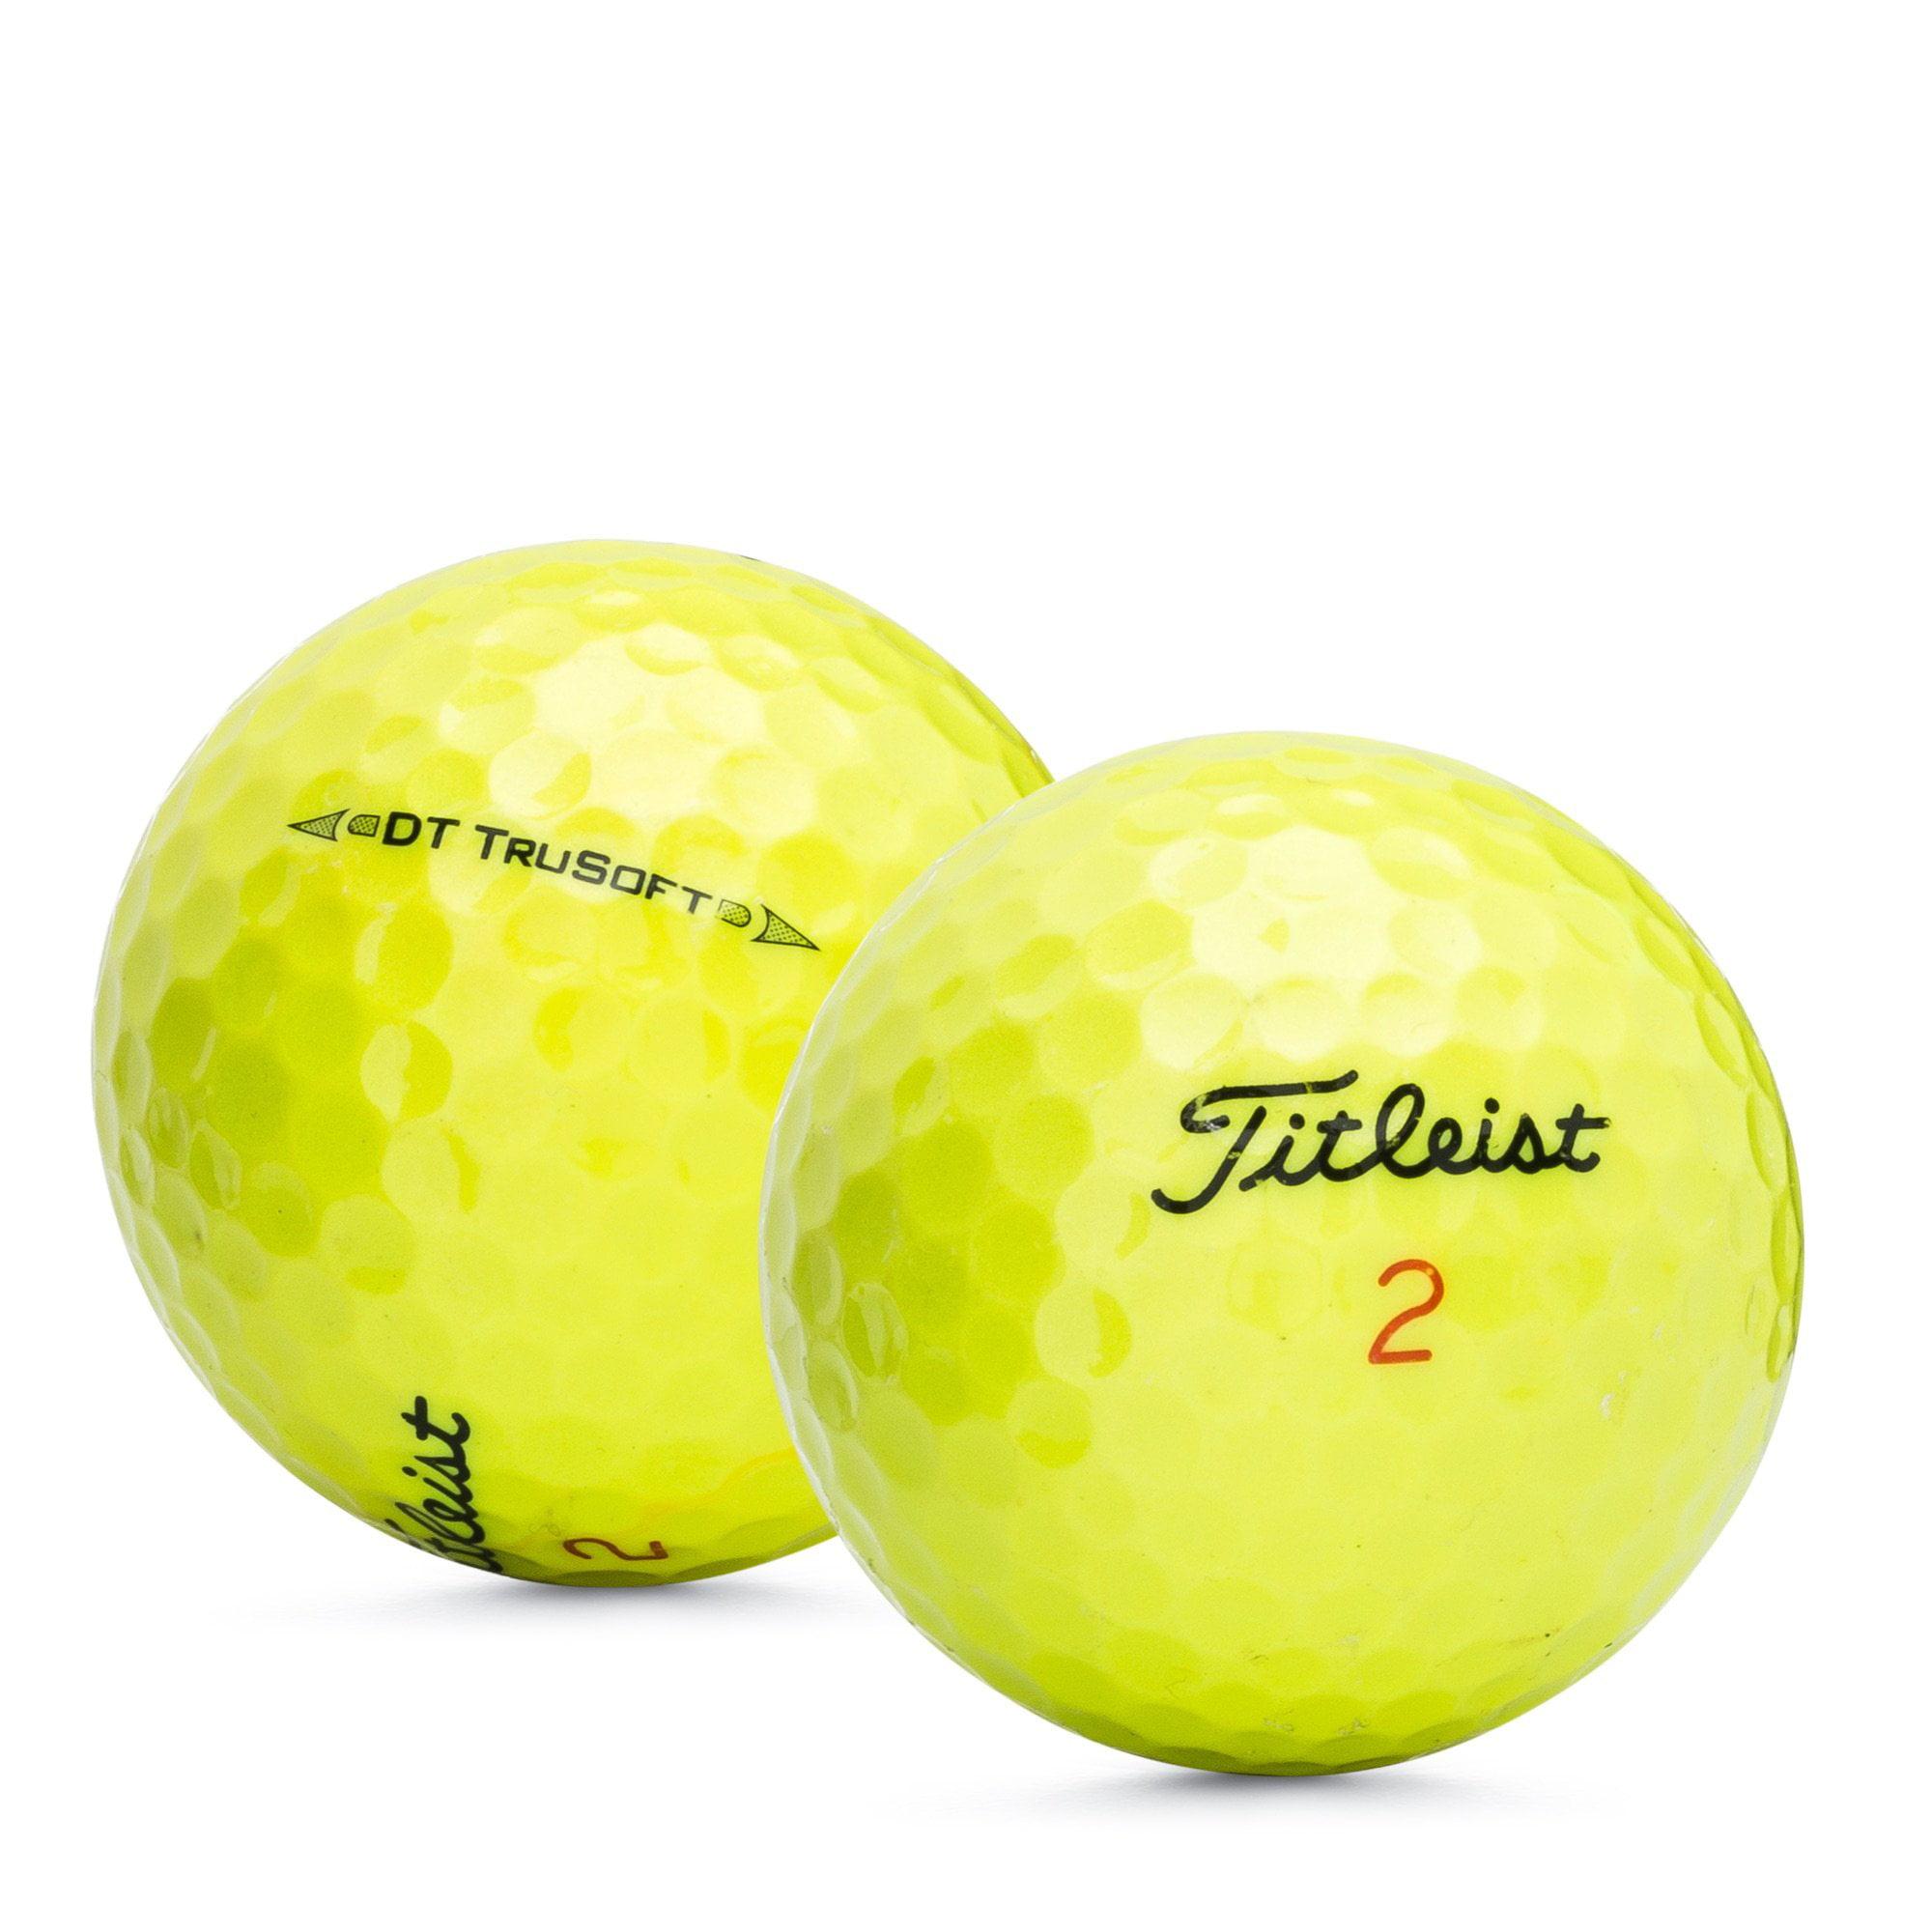 Titleist DT Trusoft Yellow - Mint Quality - 12 Golf Balls